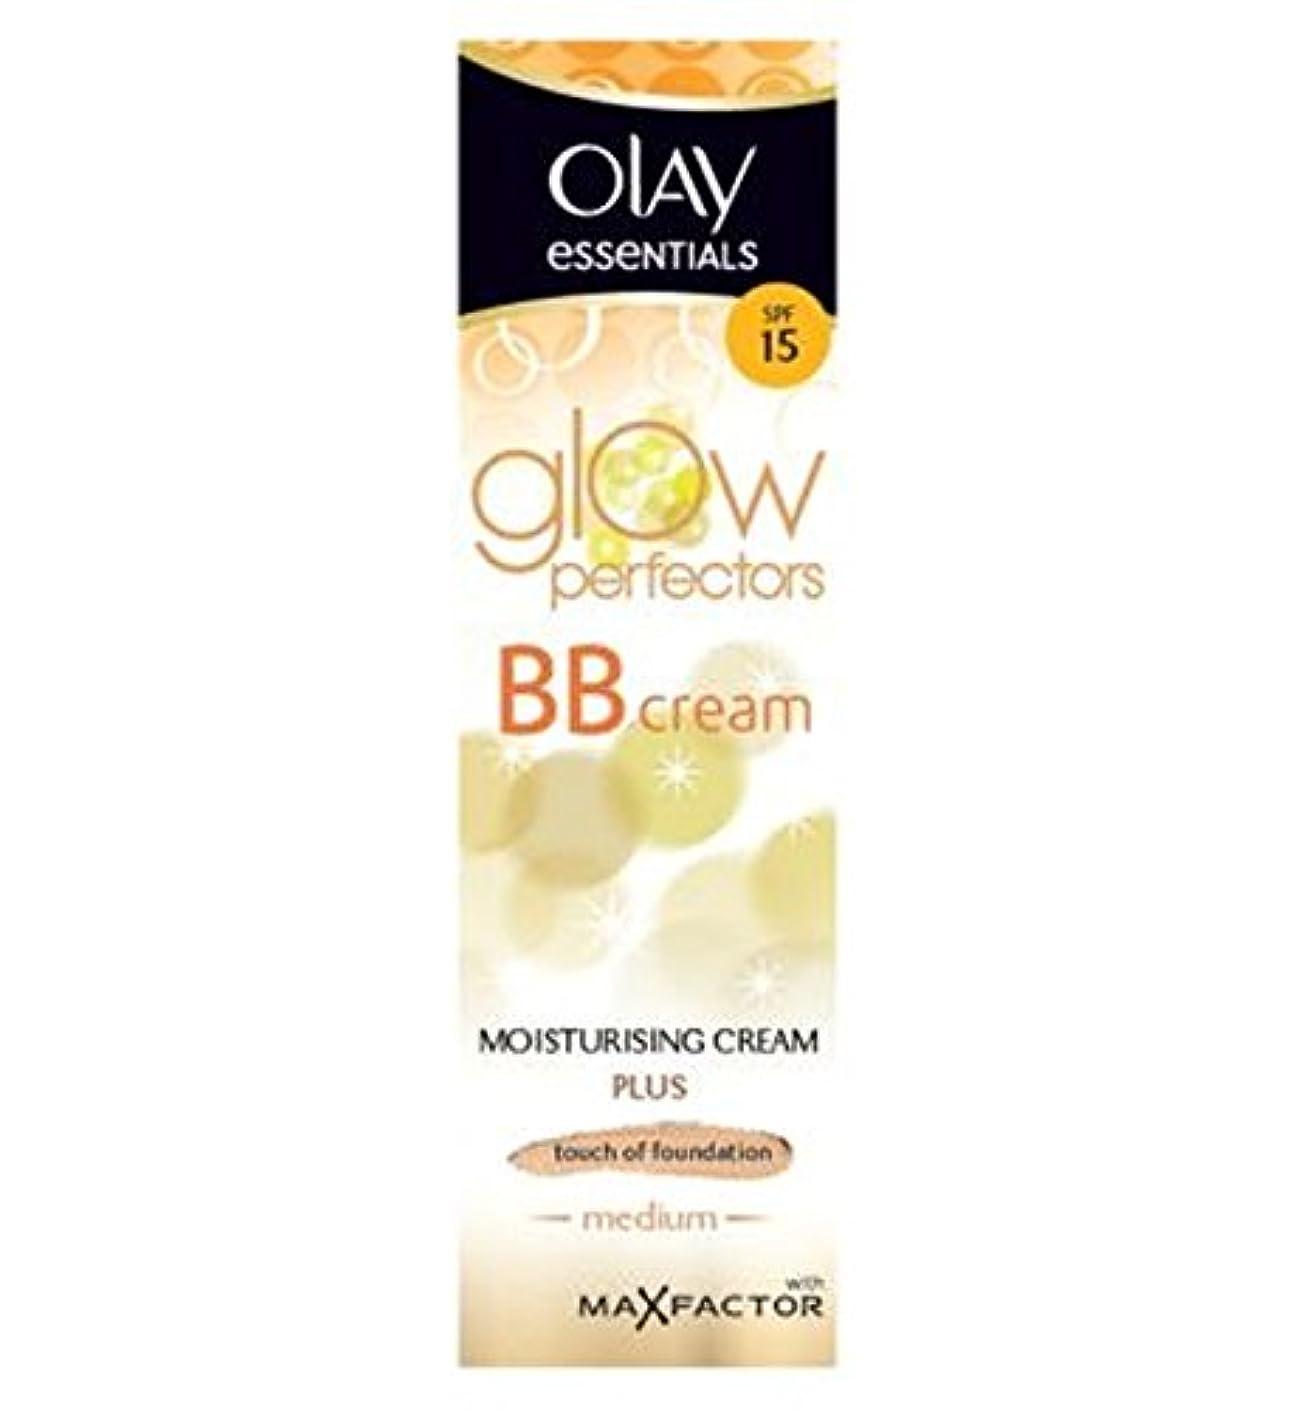 軍ライブ複雑でない着色保湿50ミリリットルを完成オーレイ完全なBbクリームSpf15スキン - 中 (Olay) (x2) - Olay Complete BB Cream SPF15 Skin Perfecting Tinted Moisturiser...